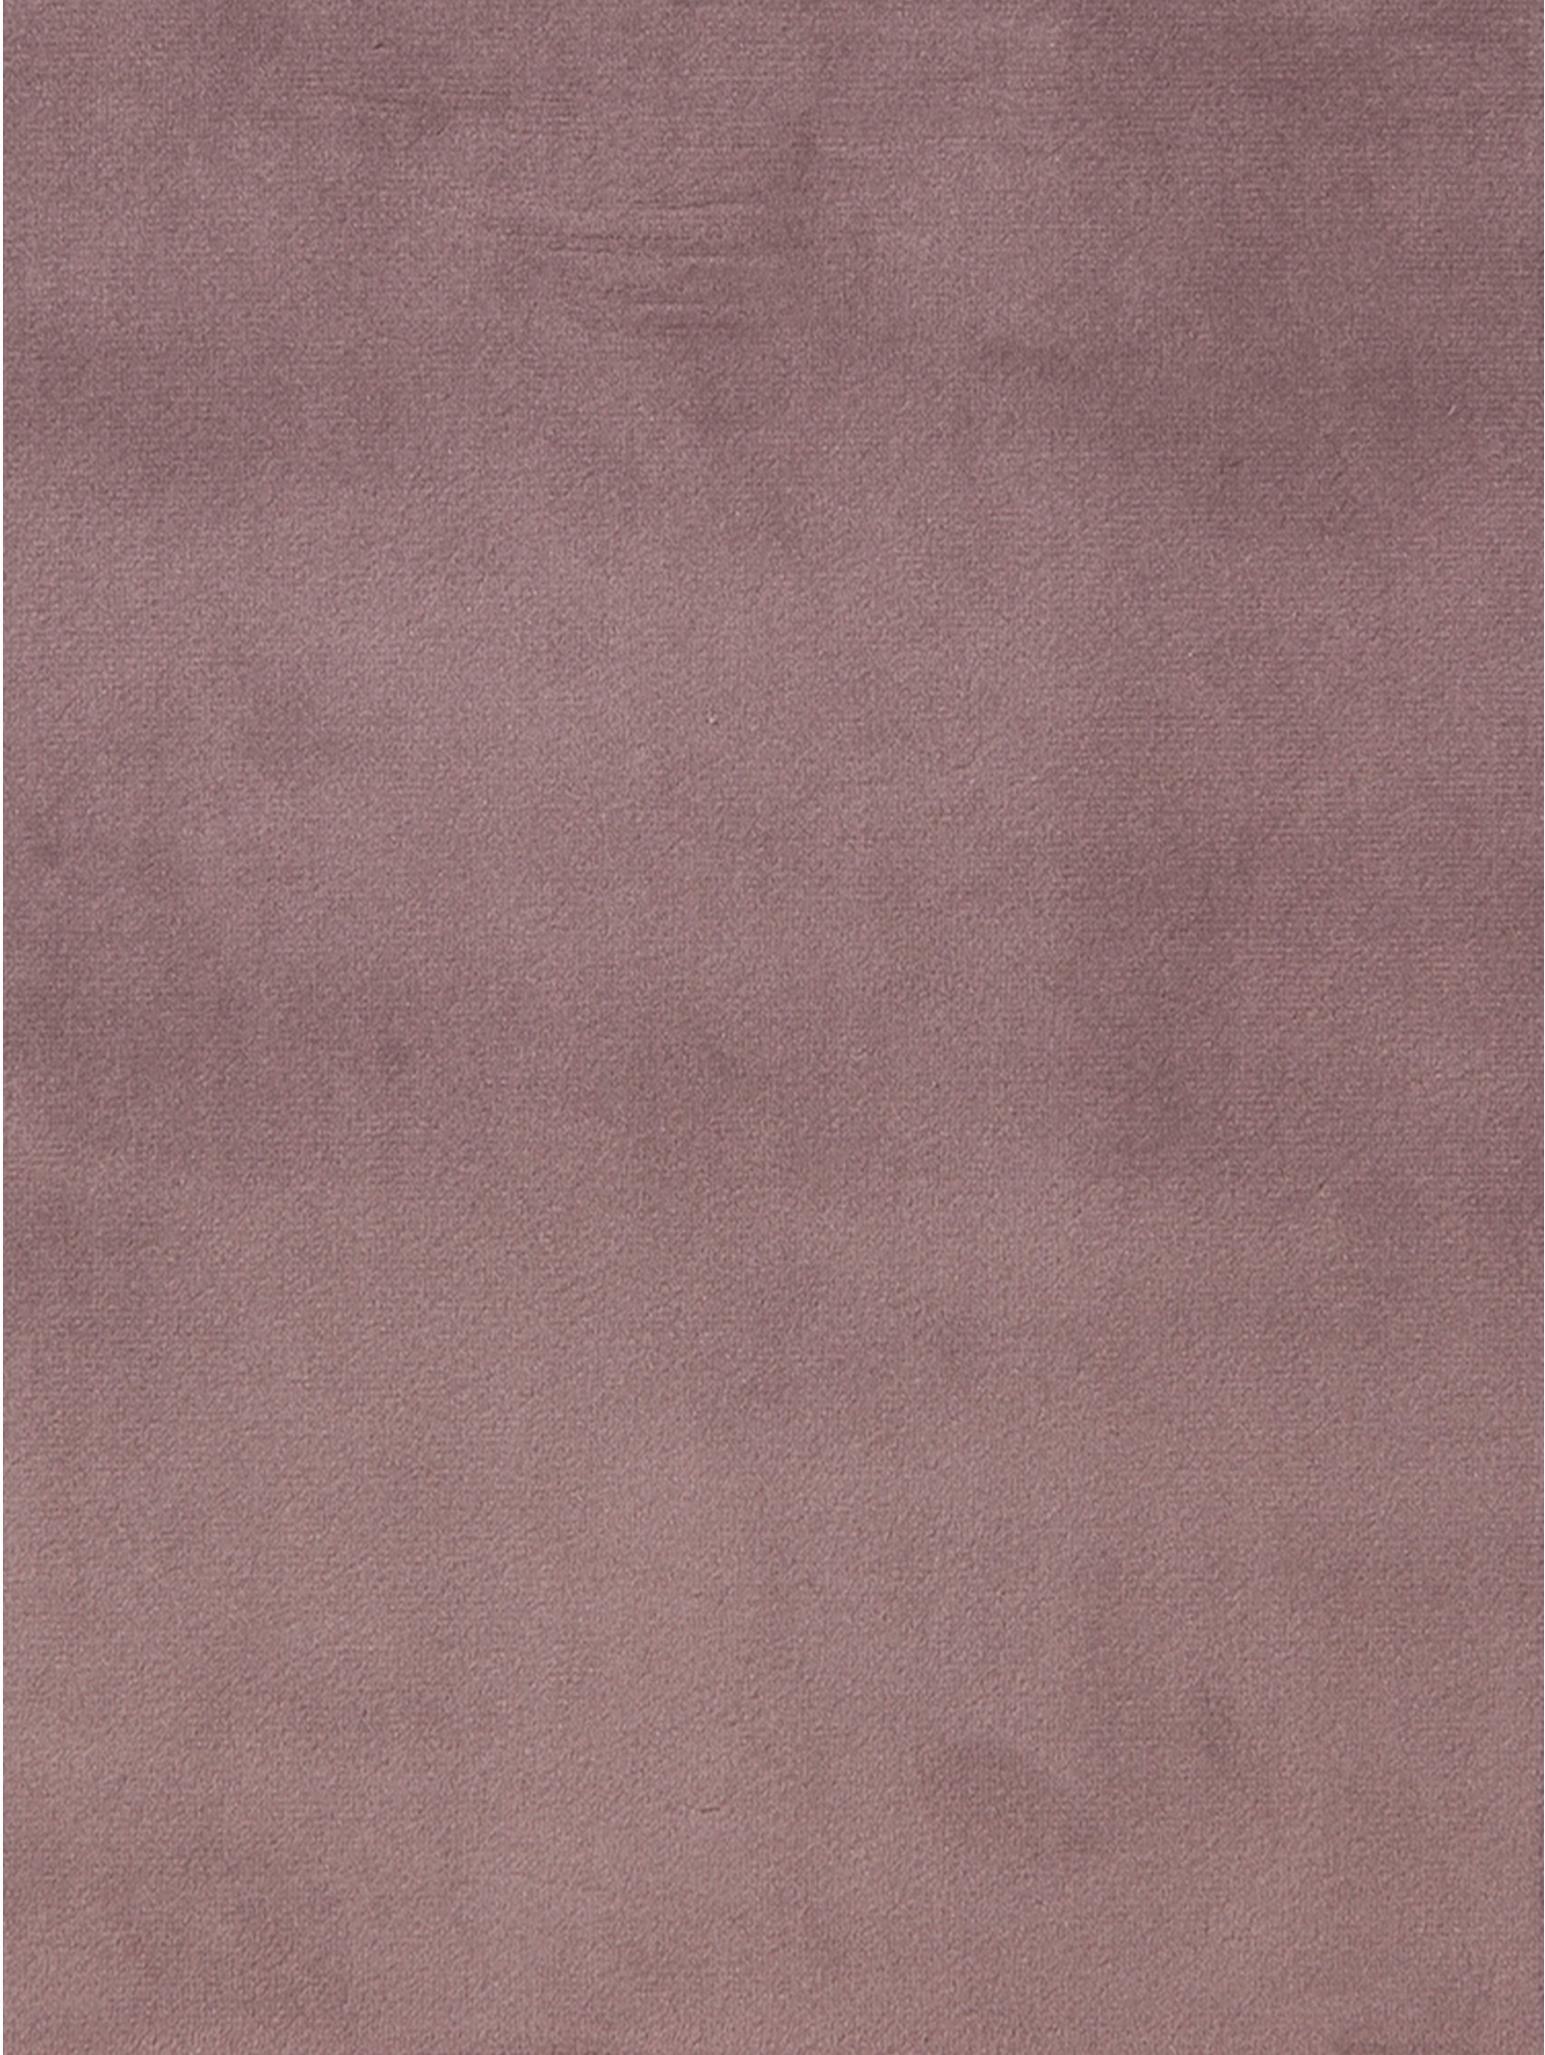 Silla de terciopelo Emilia, Tapizado: poliéster (terciopelo), Patas: madera de roble aceitado , Terciopelo rosa, patas roble, An 57 x F 59 cm